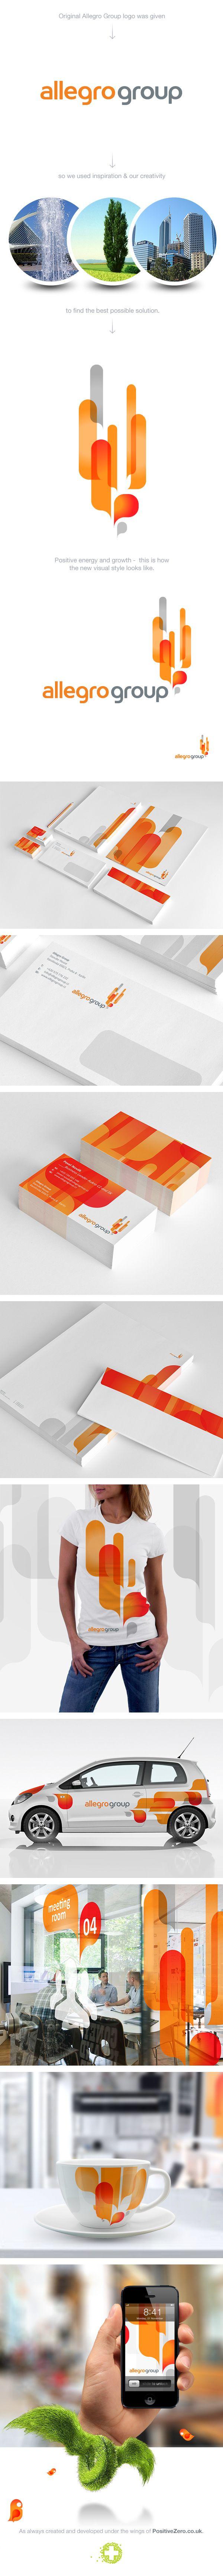 Allegro Group - #CorporateIdentity by PositiveZero.co.uk, via #Behance #Branding